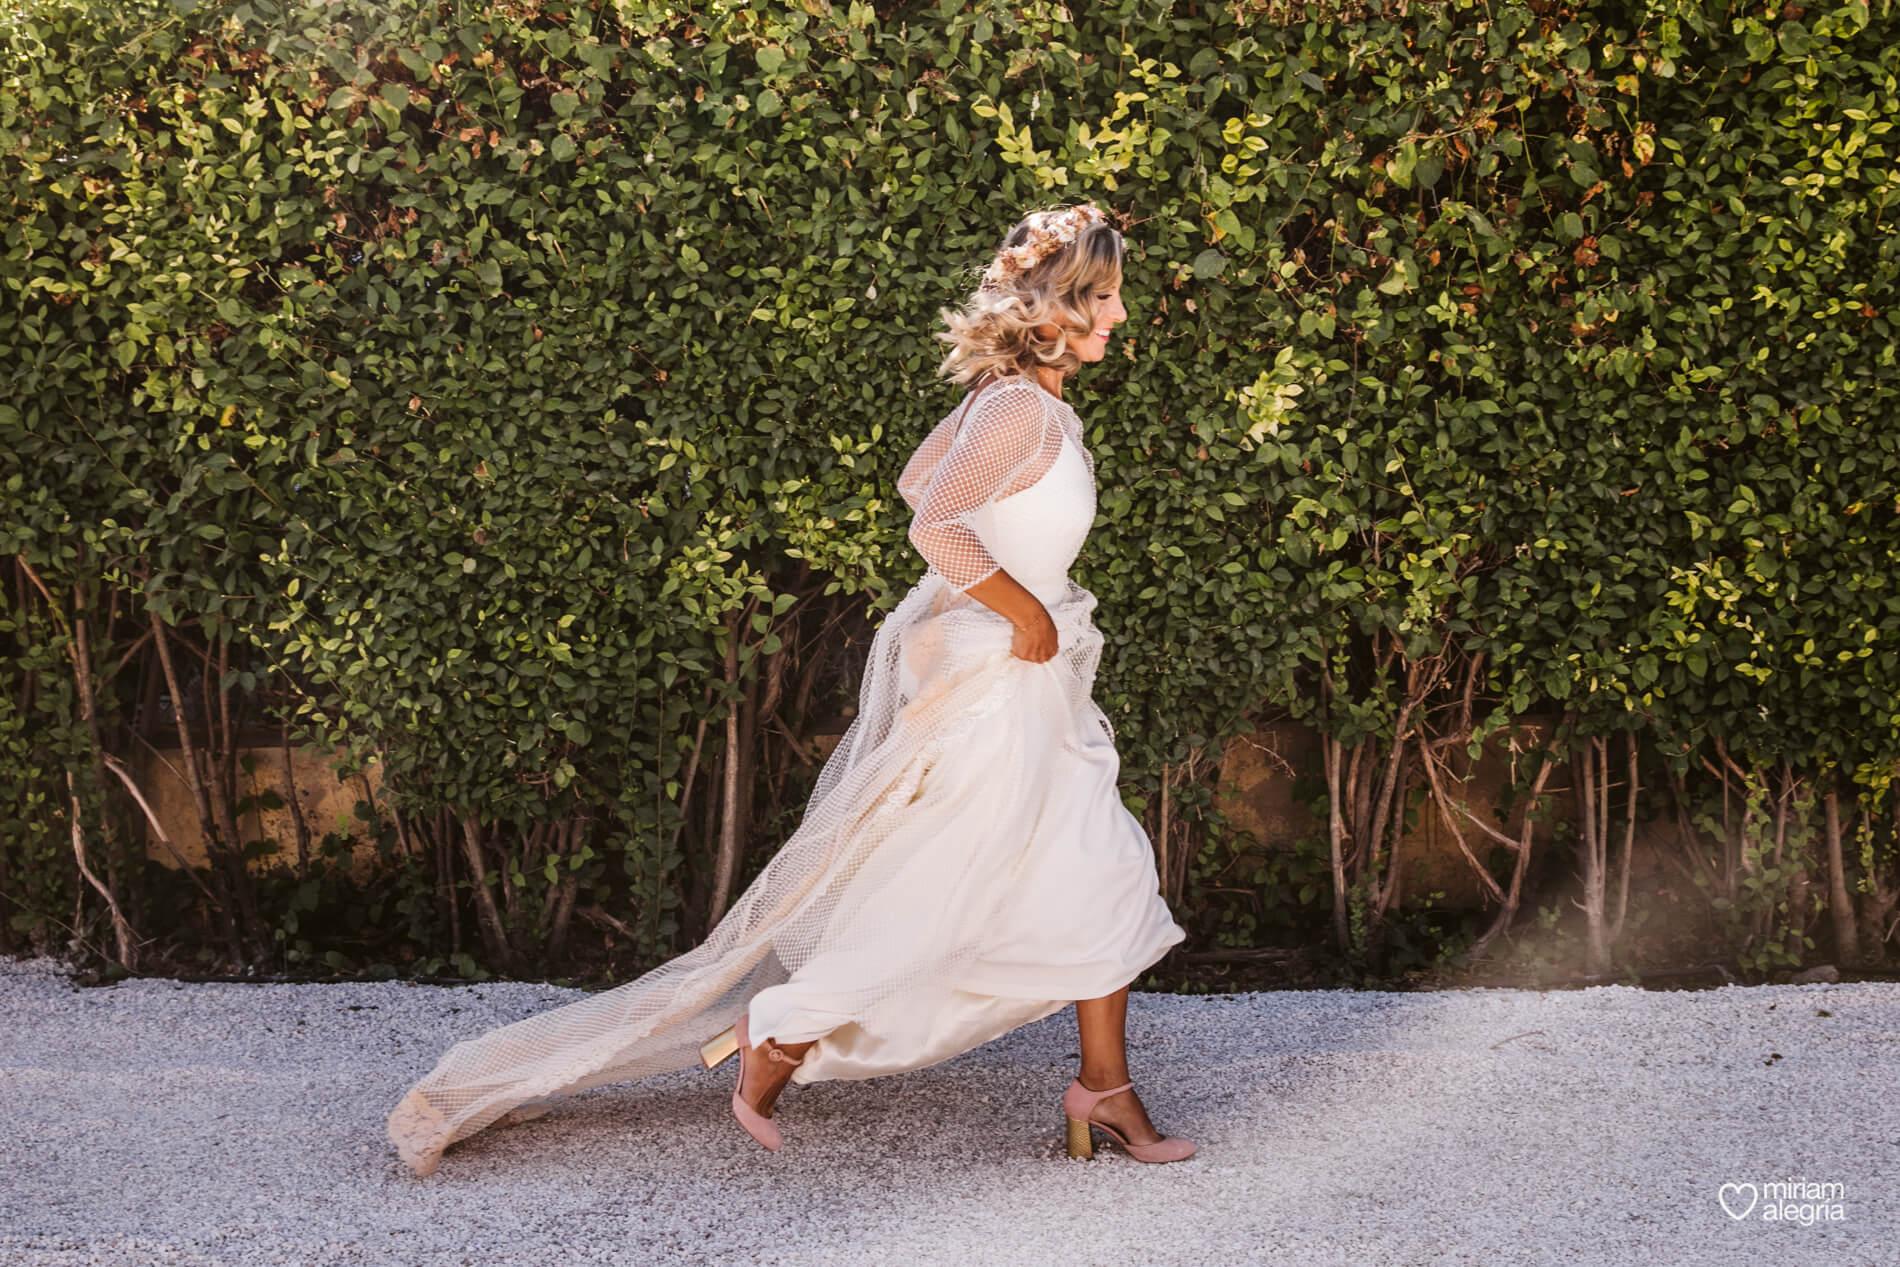 boda-en-collados-miriam-alegria-cayetana-ferrer-26